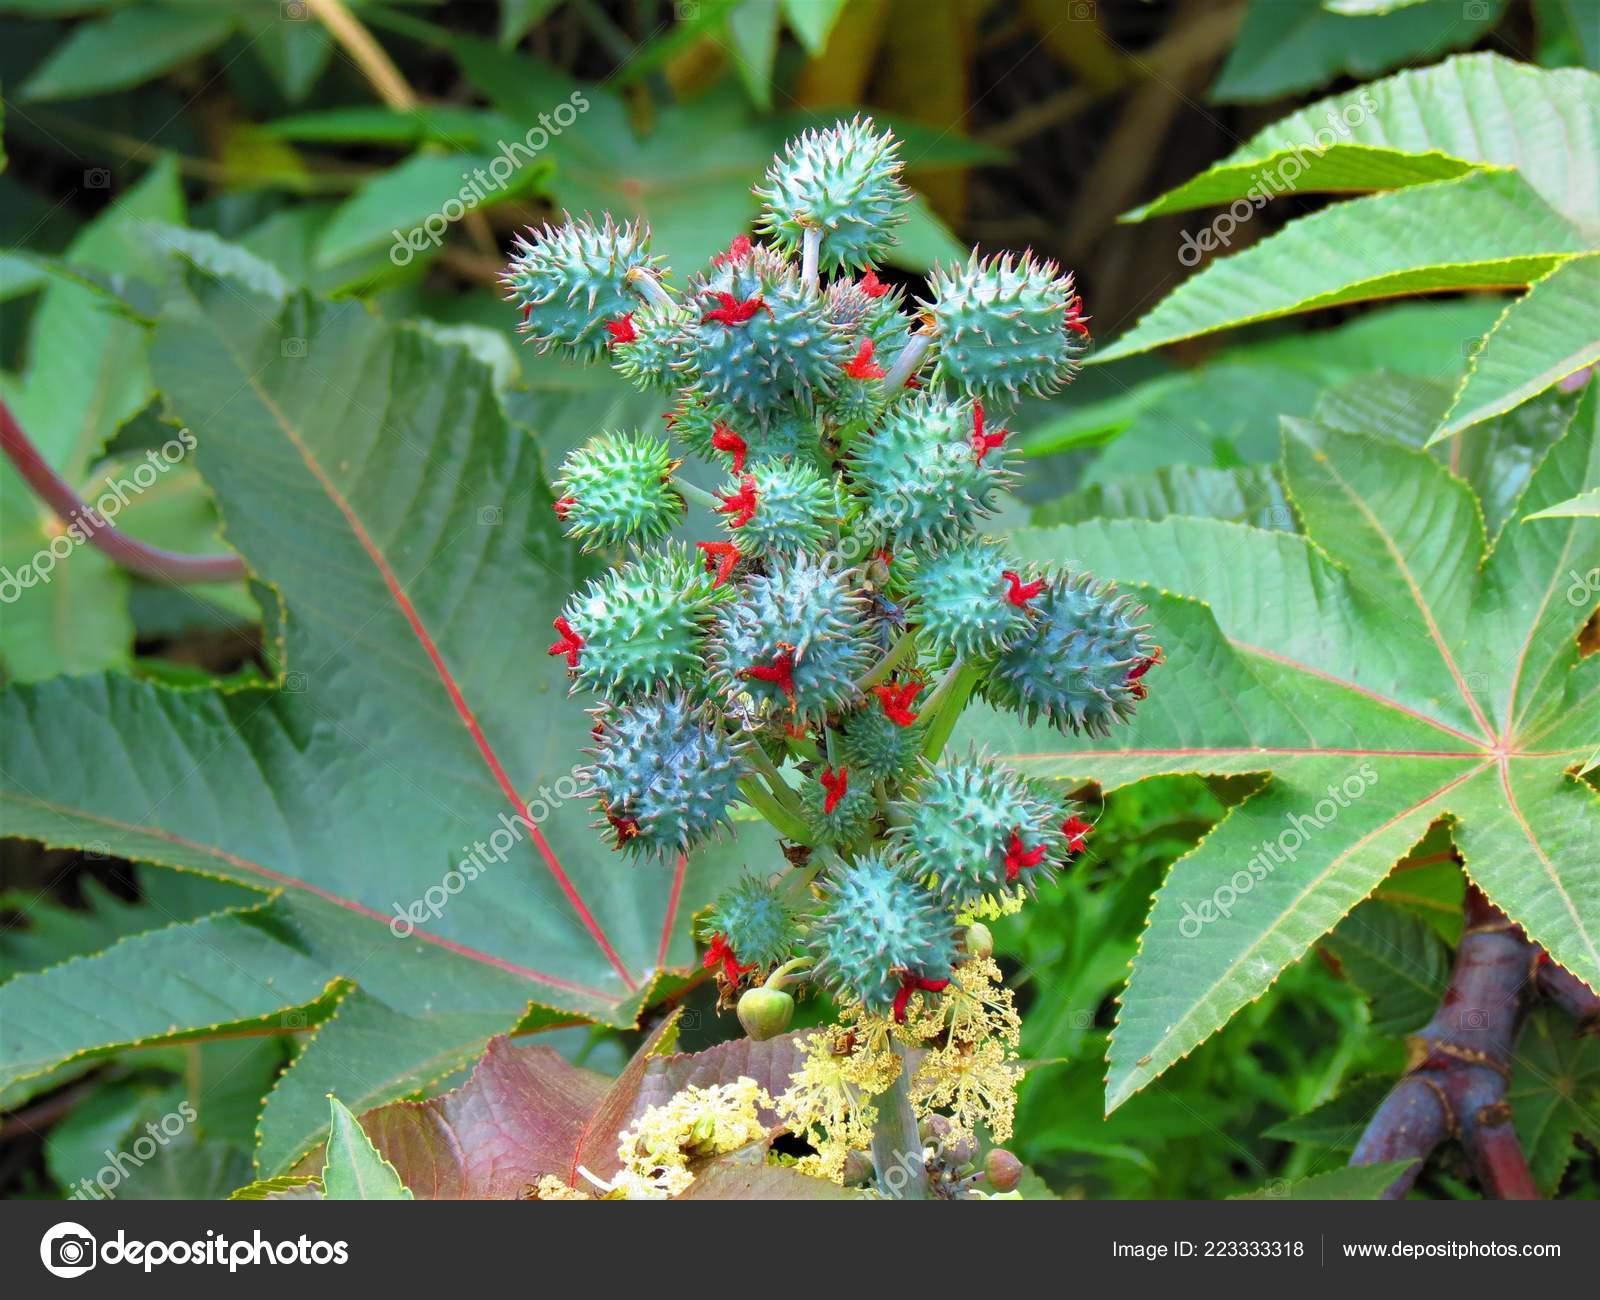 Ricinus Communis Castor Oil Plant Flowering Plant Euphorbiaceae Stock Photo C Argru 223333318